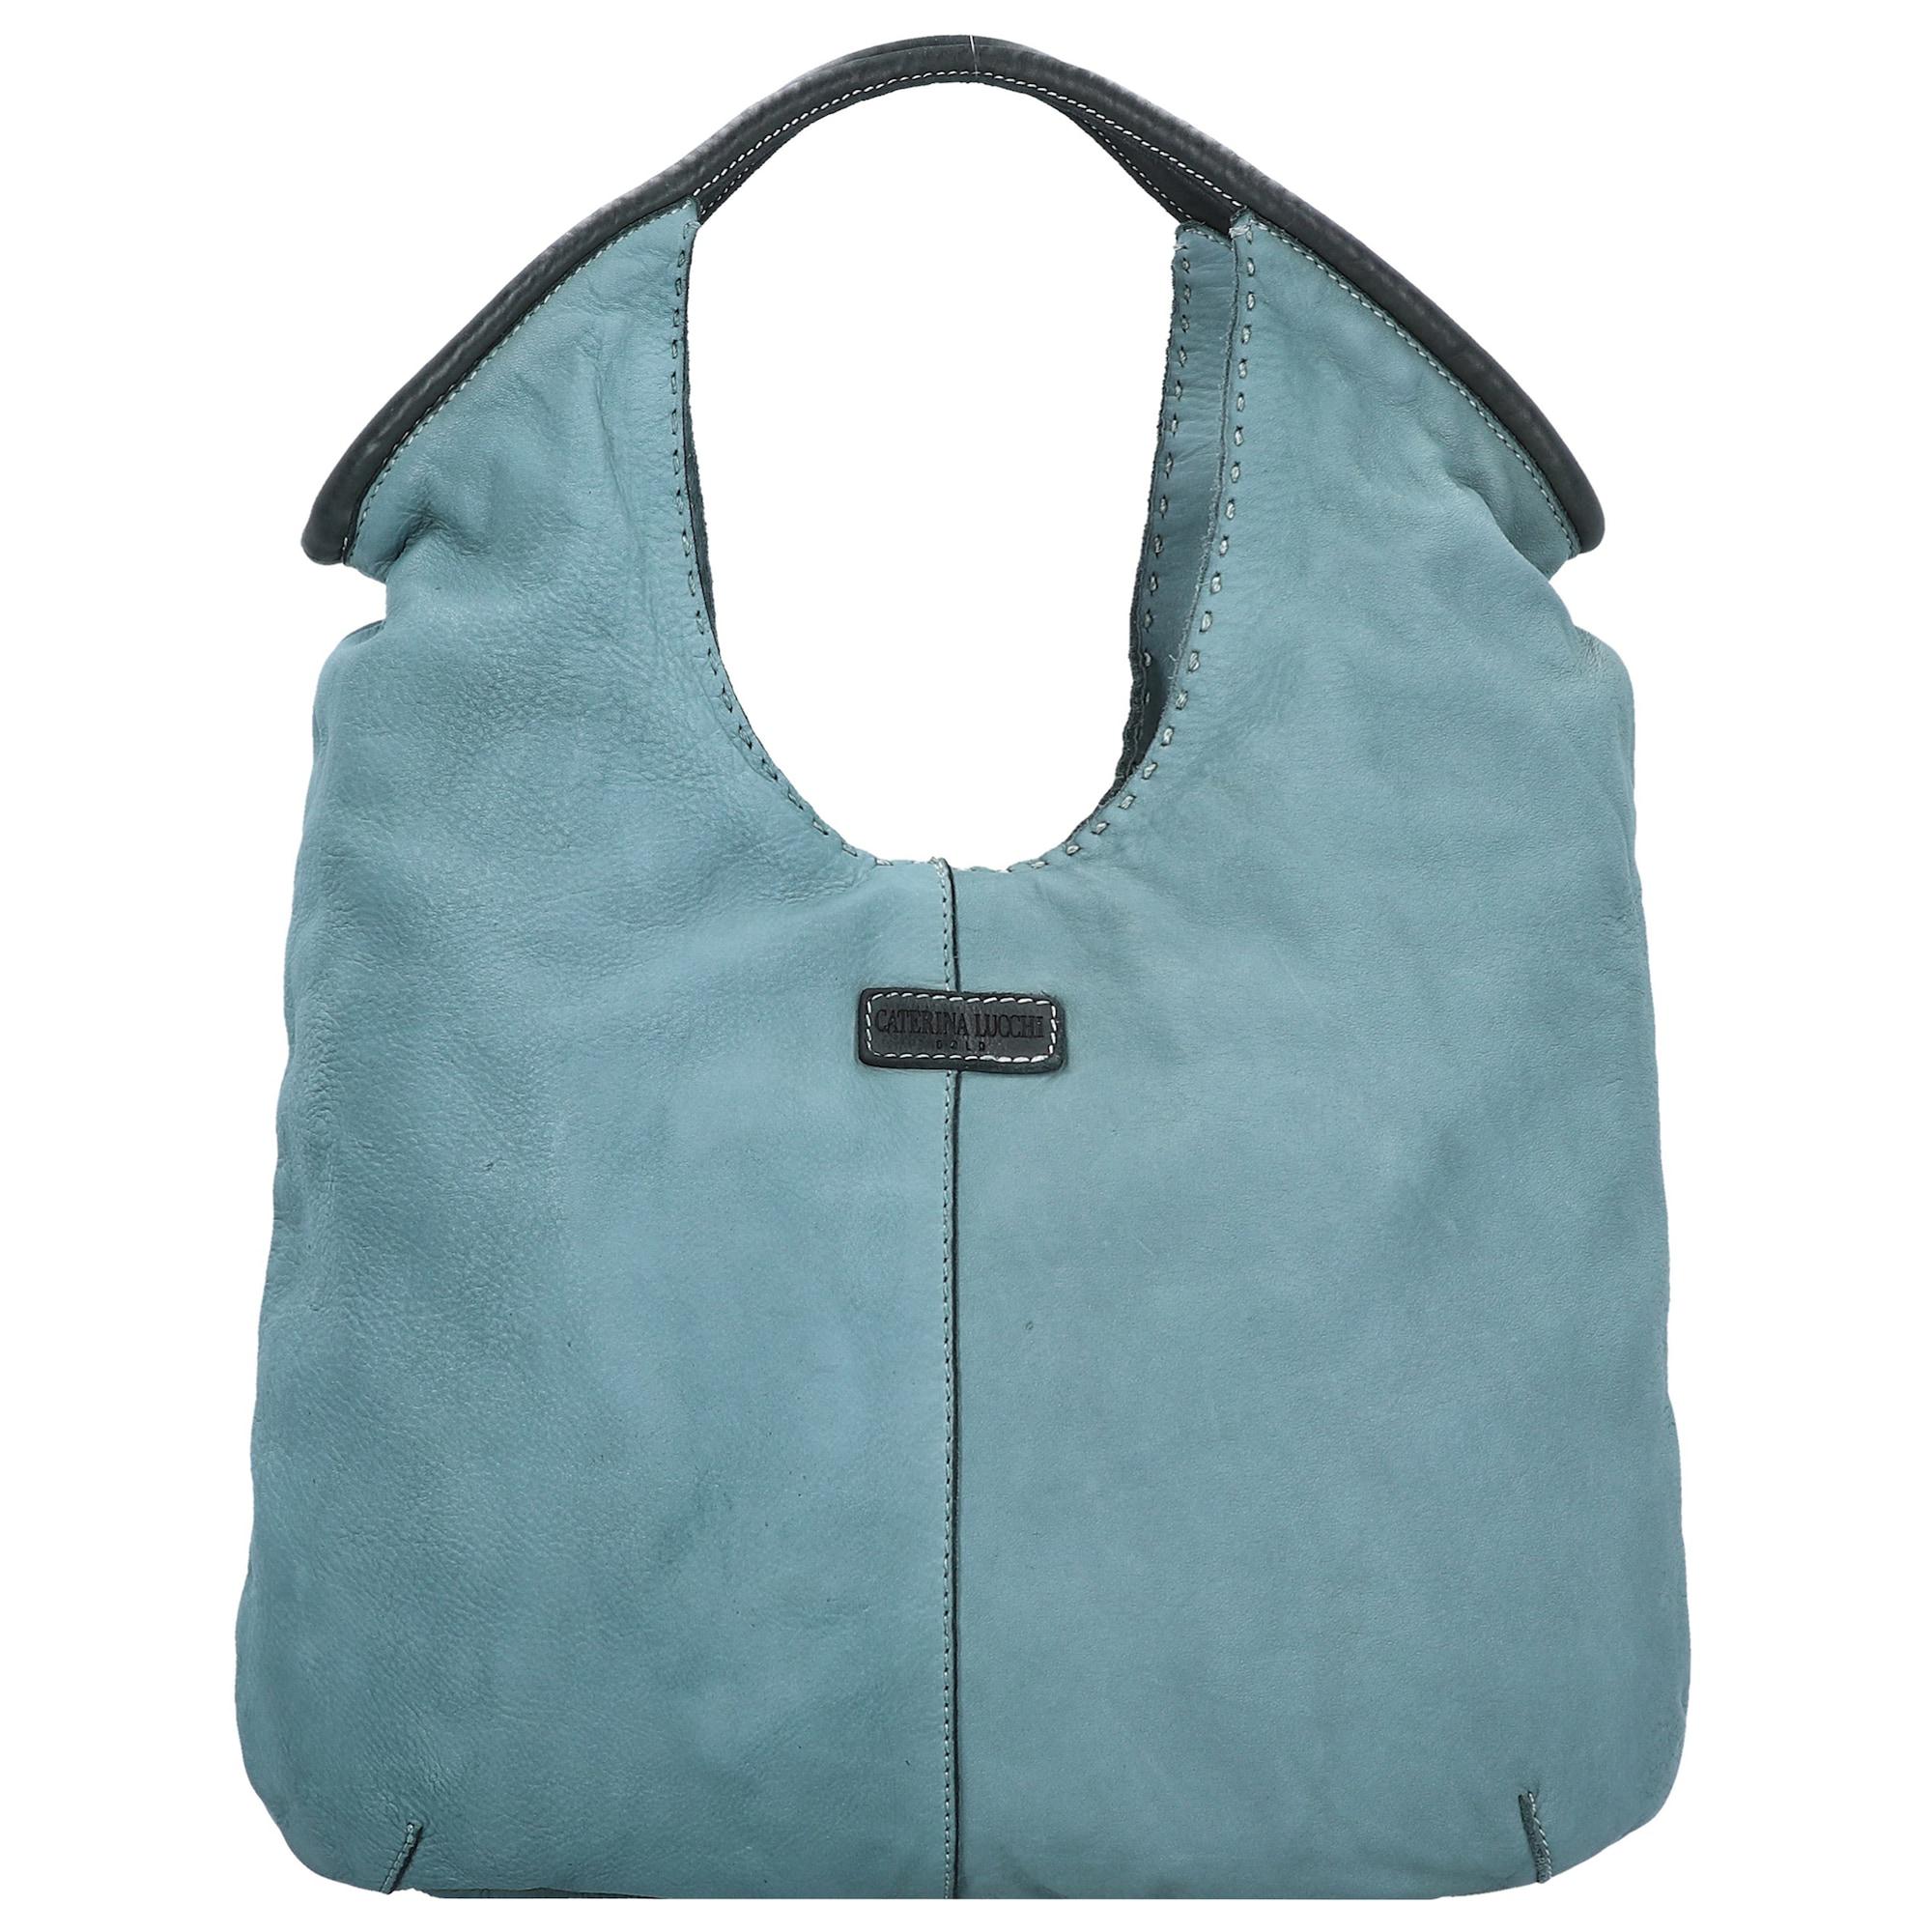 Schultertasche | Taschen > Handtaschen > Schultertaschen | Caterina Lucchi